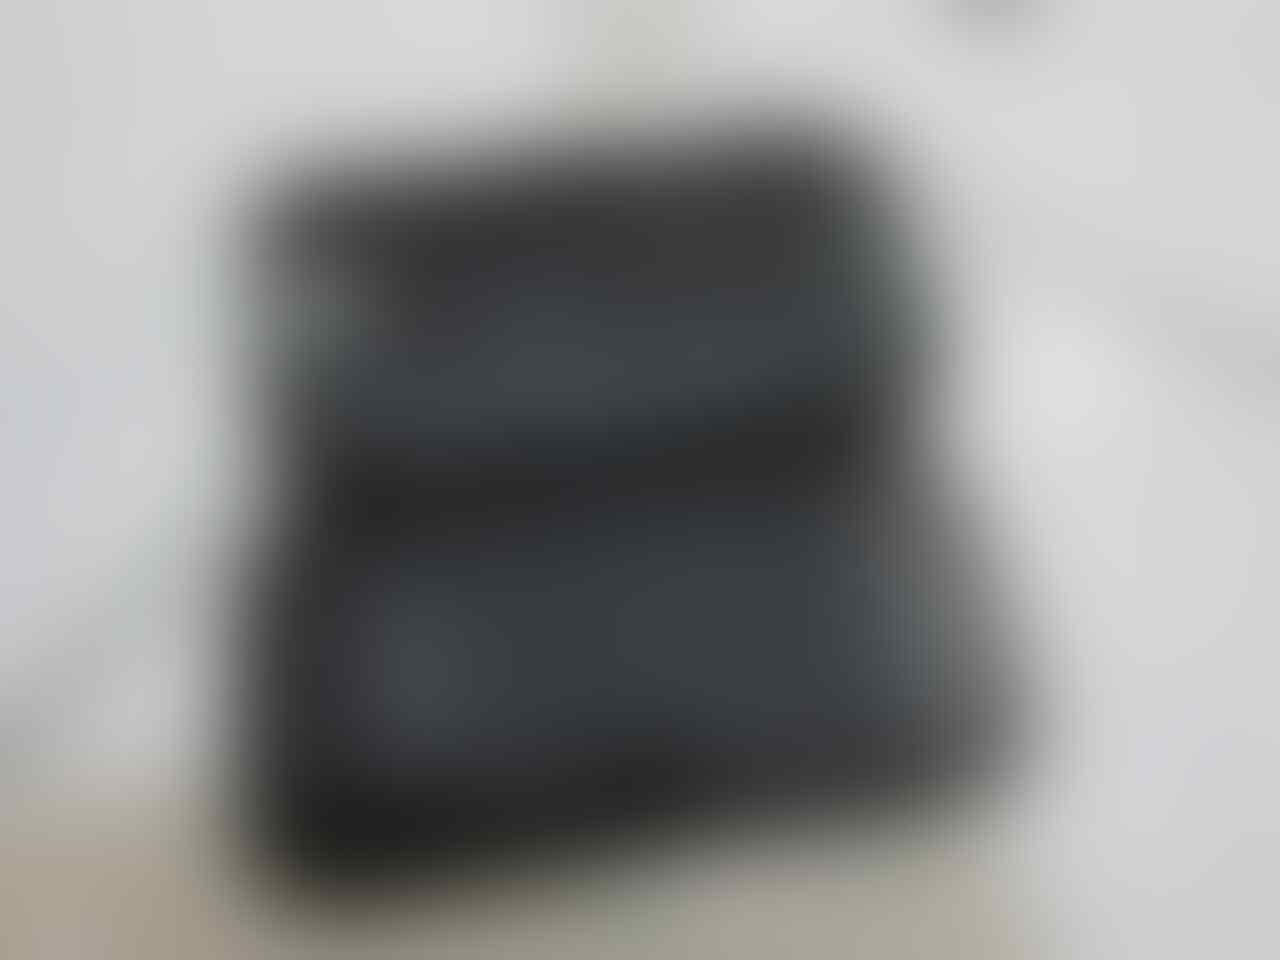 JUAL : Samsung Galaxy W GT-I8150 Black COD Jakarta